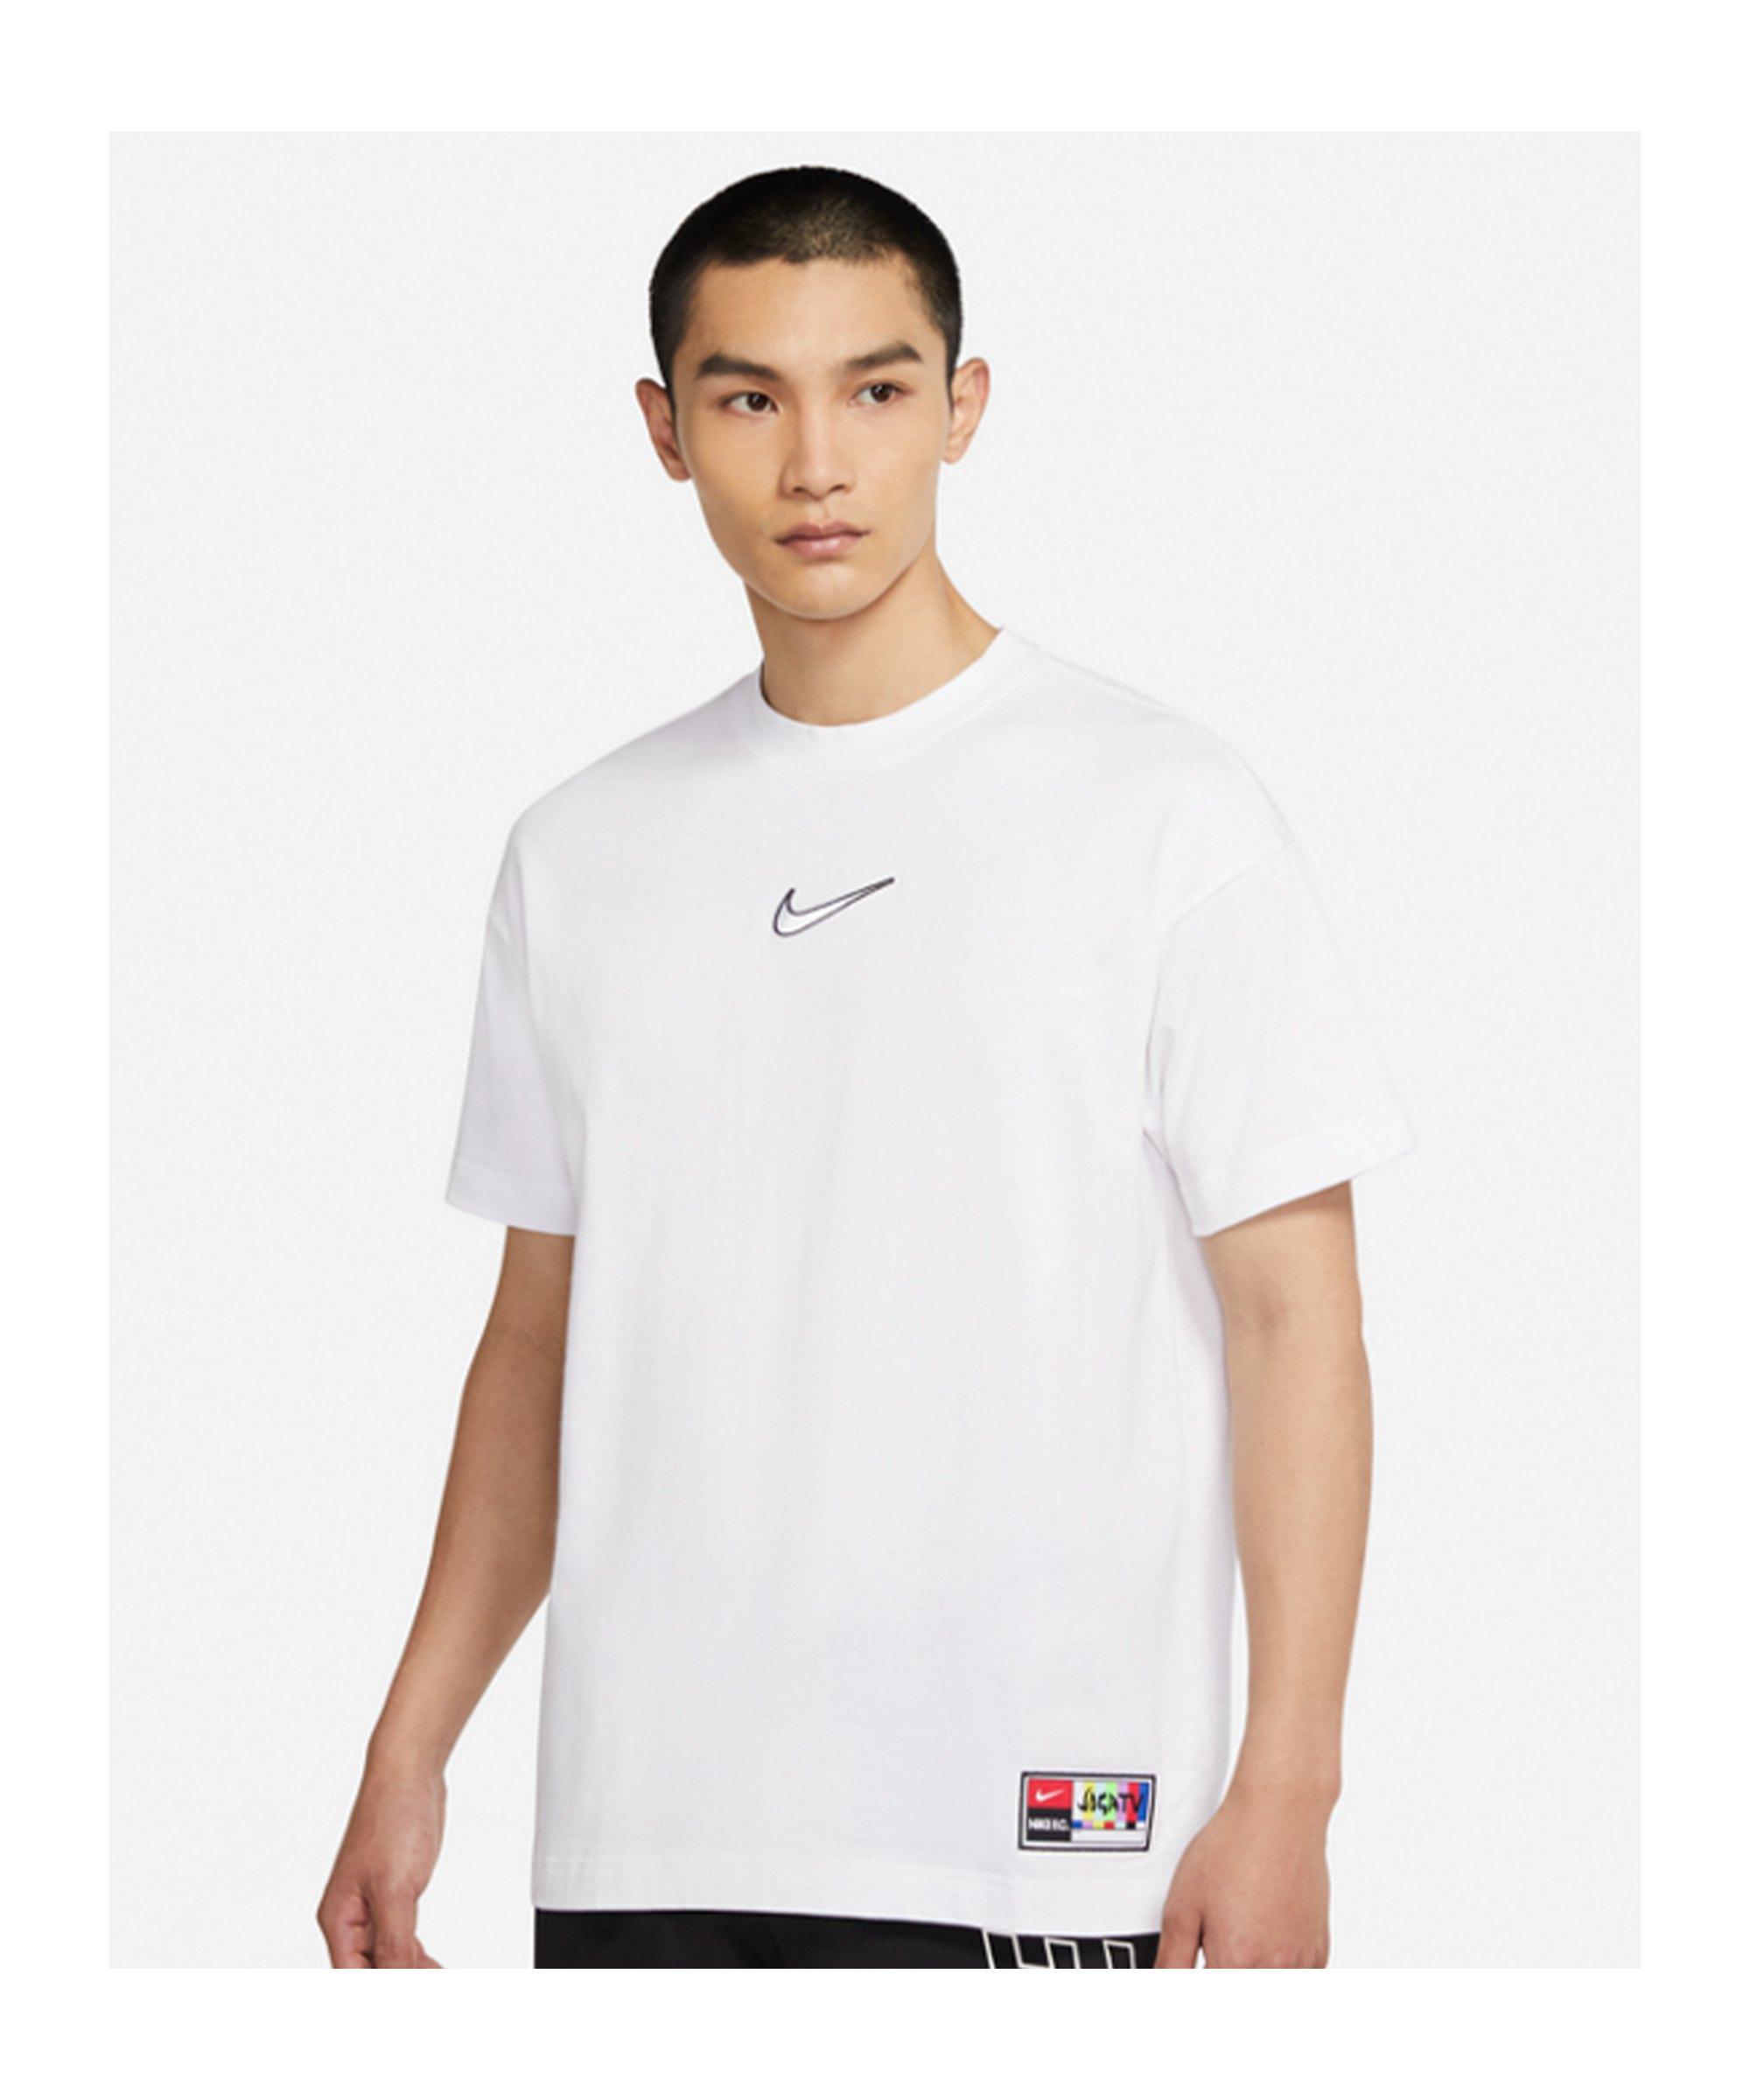 Nike F.C. Joga Bonito Cotton Jersey T-Shirt F100 - weiss